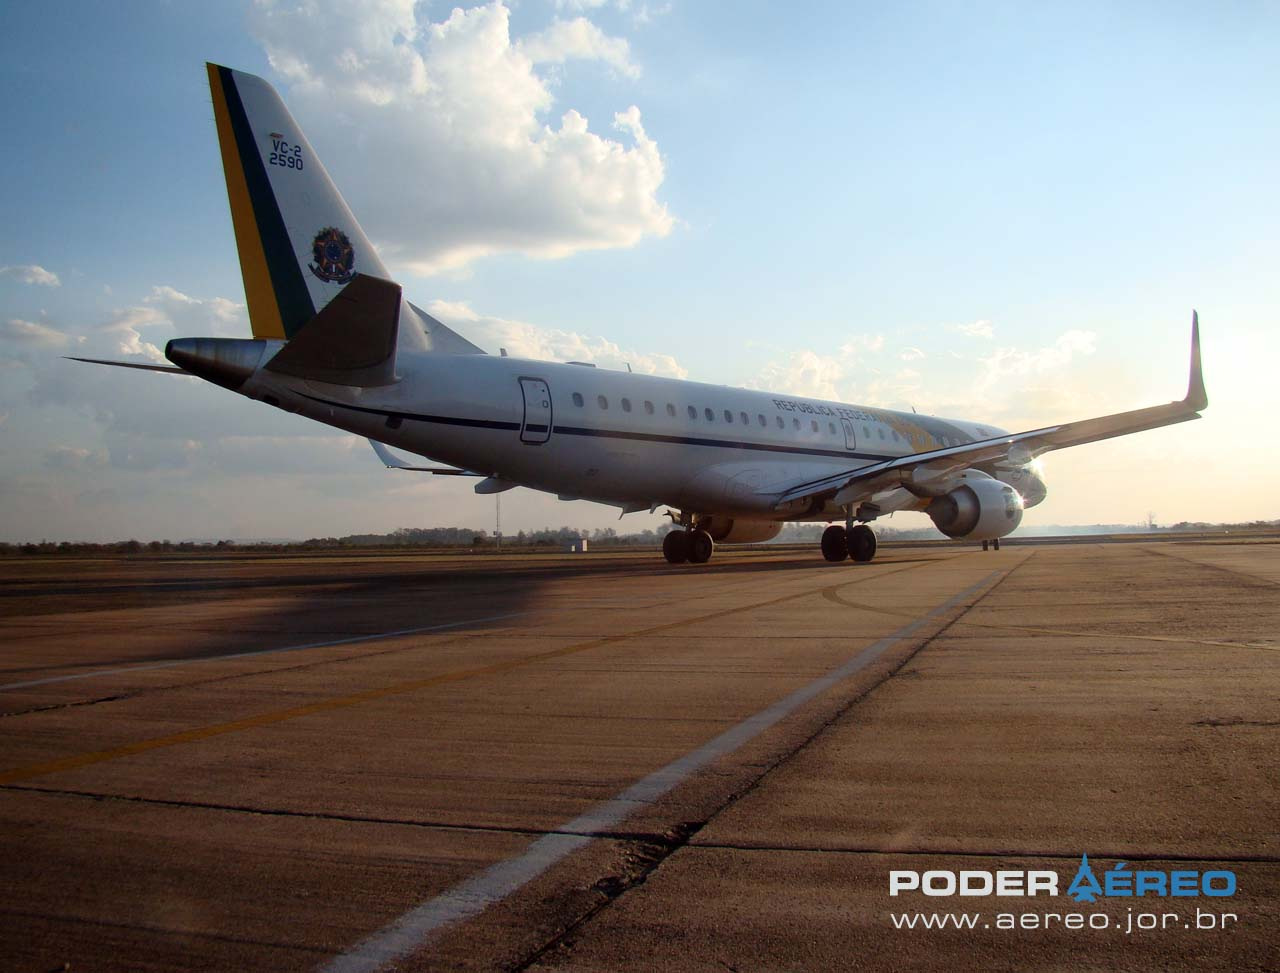 VC-2 - GTE - foto Nunão - Poder Aéreo